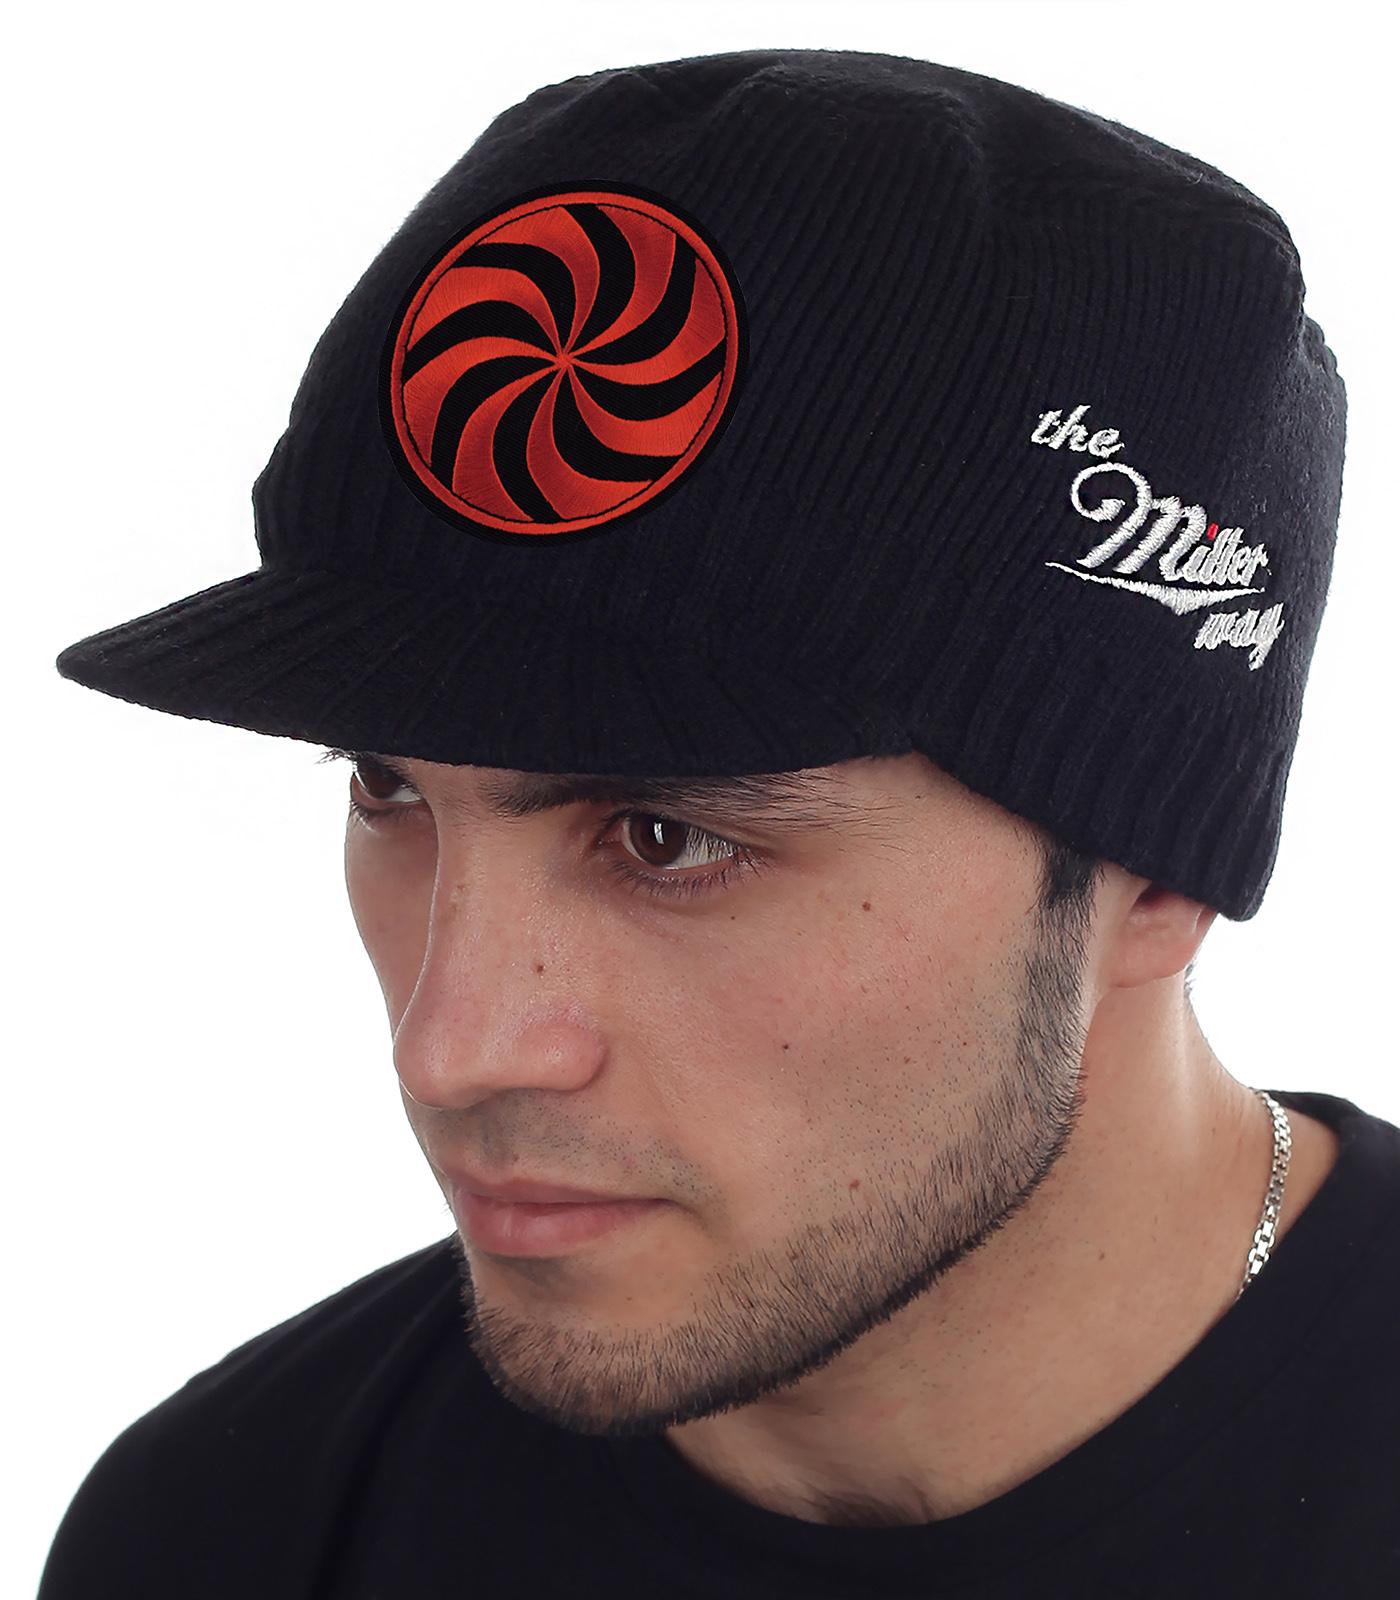 Тёплая мужская кепка Miller с символом Даждьбога – Отца всего русского народа. Удобная посадка, закрытые уши, лоб и затылок. Модель осень-зима из категории «НИГДЕ НЕ КУПИШЬ»